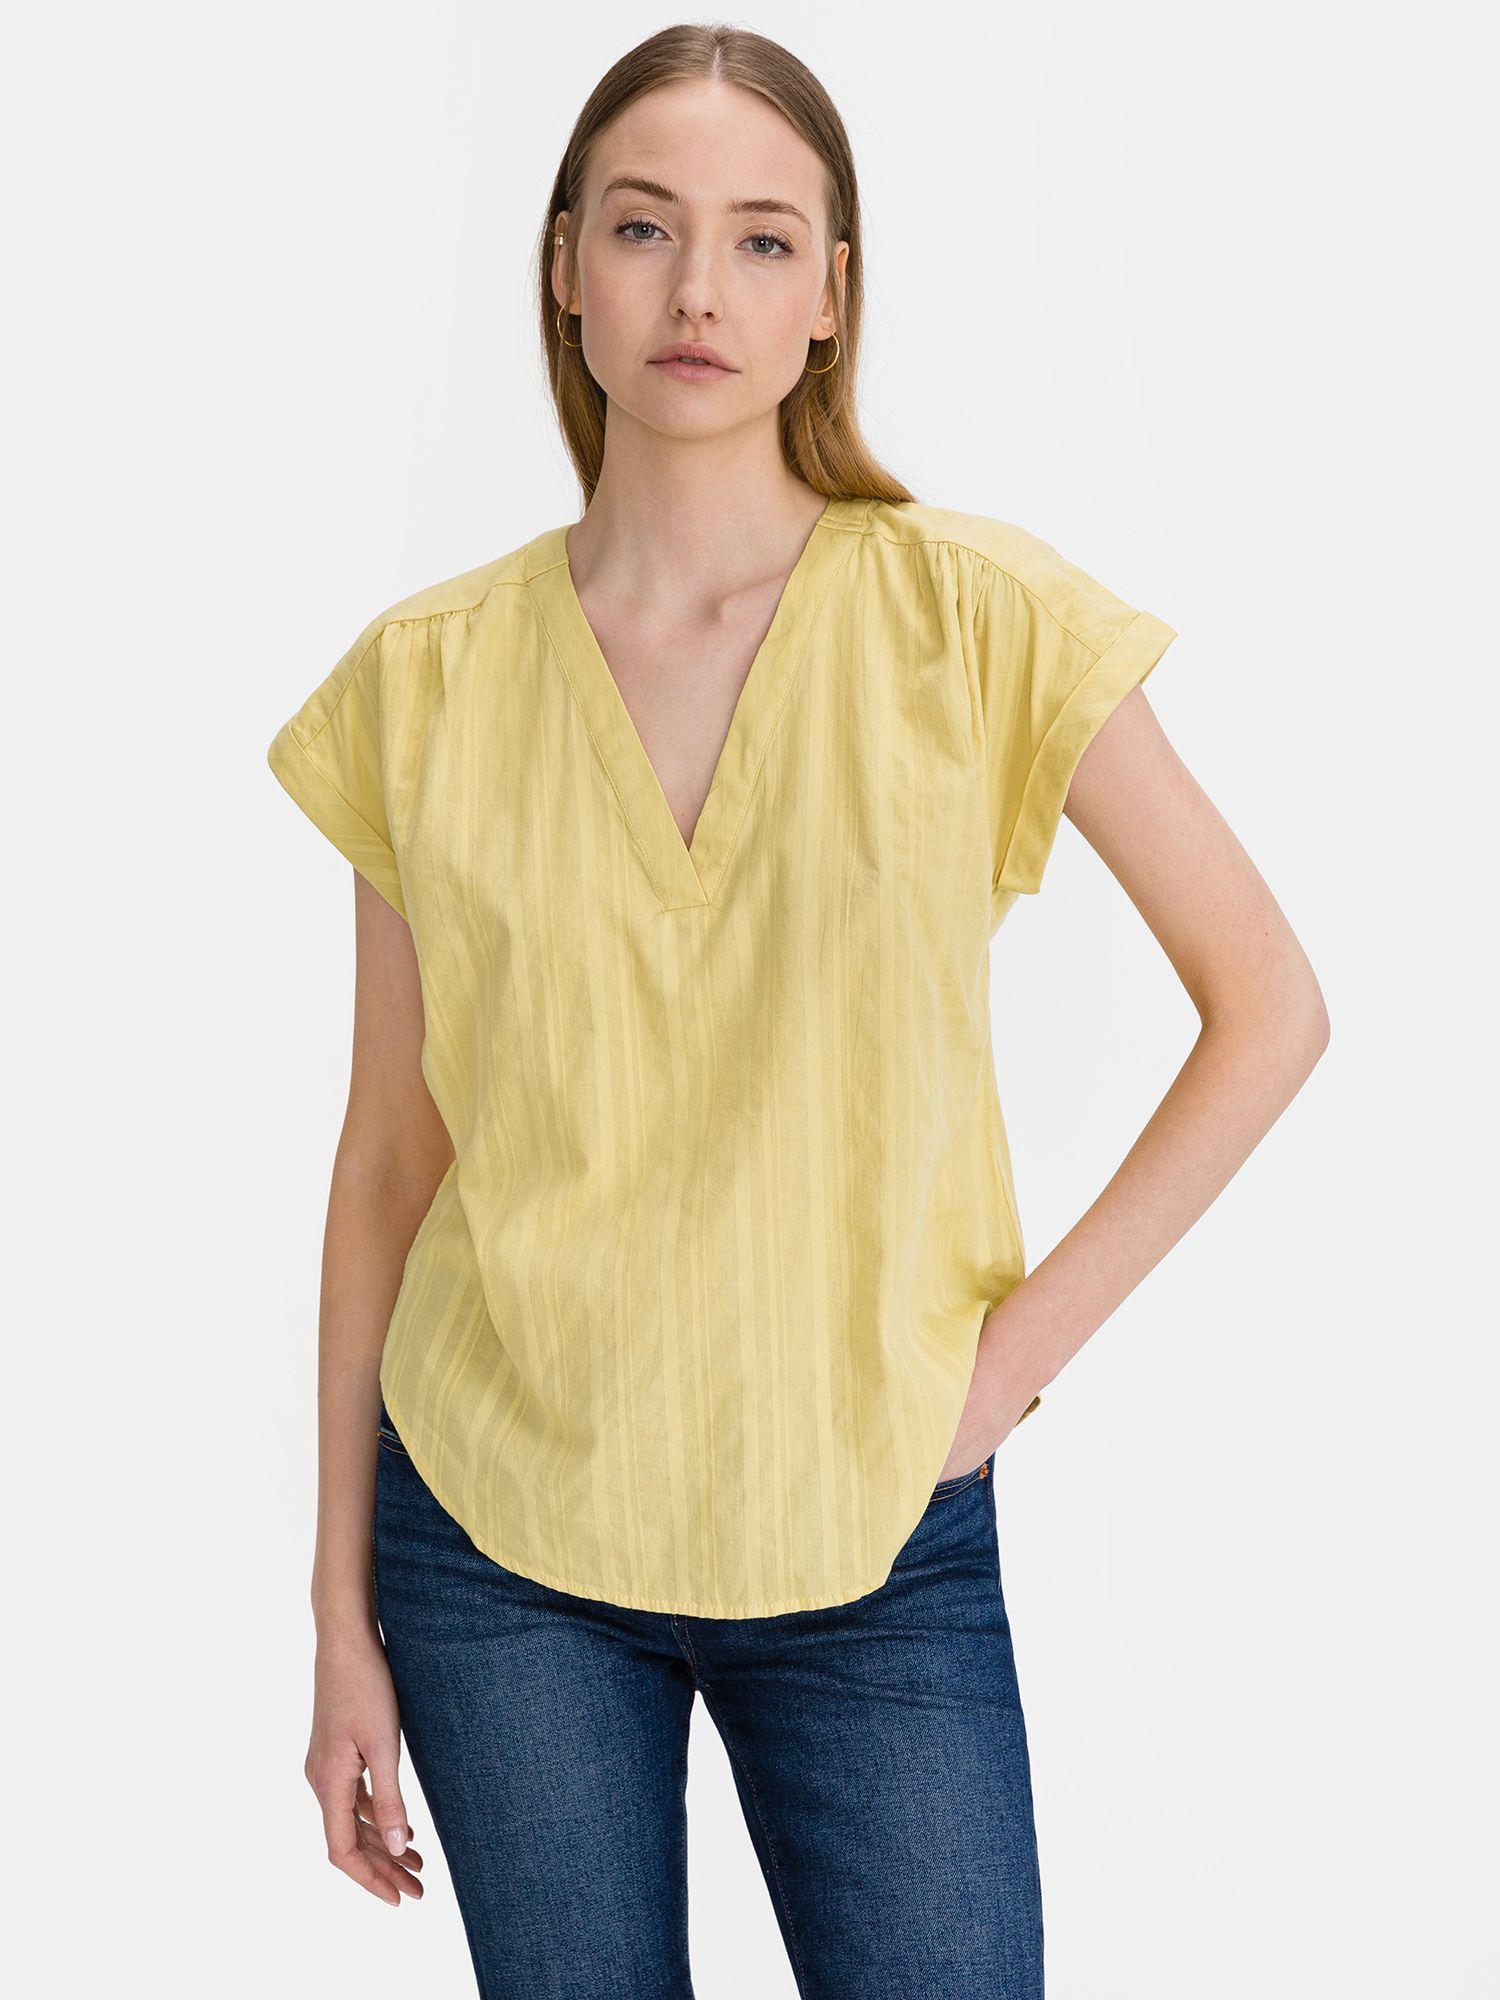 GAP rumena bluza